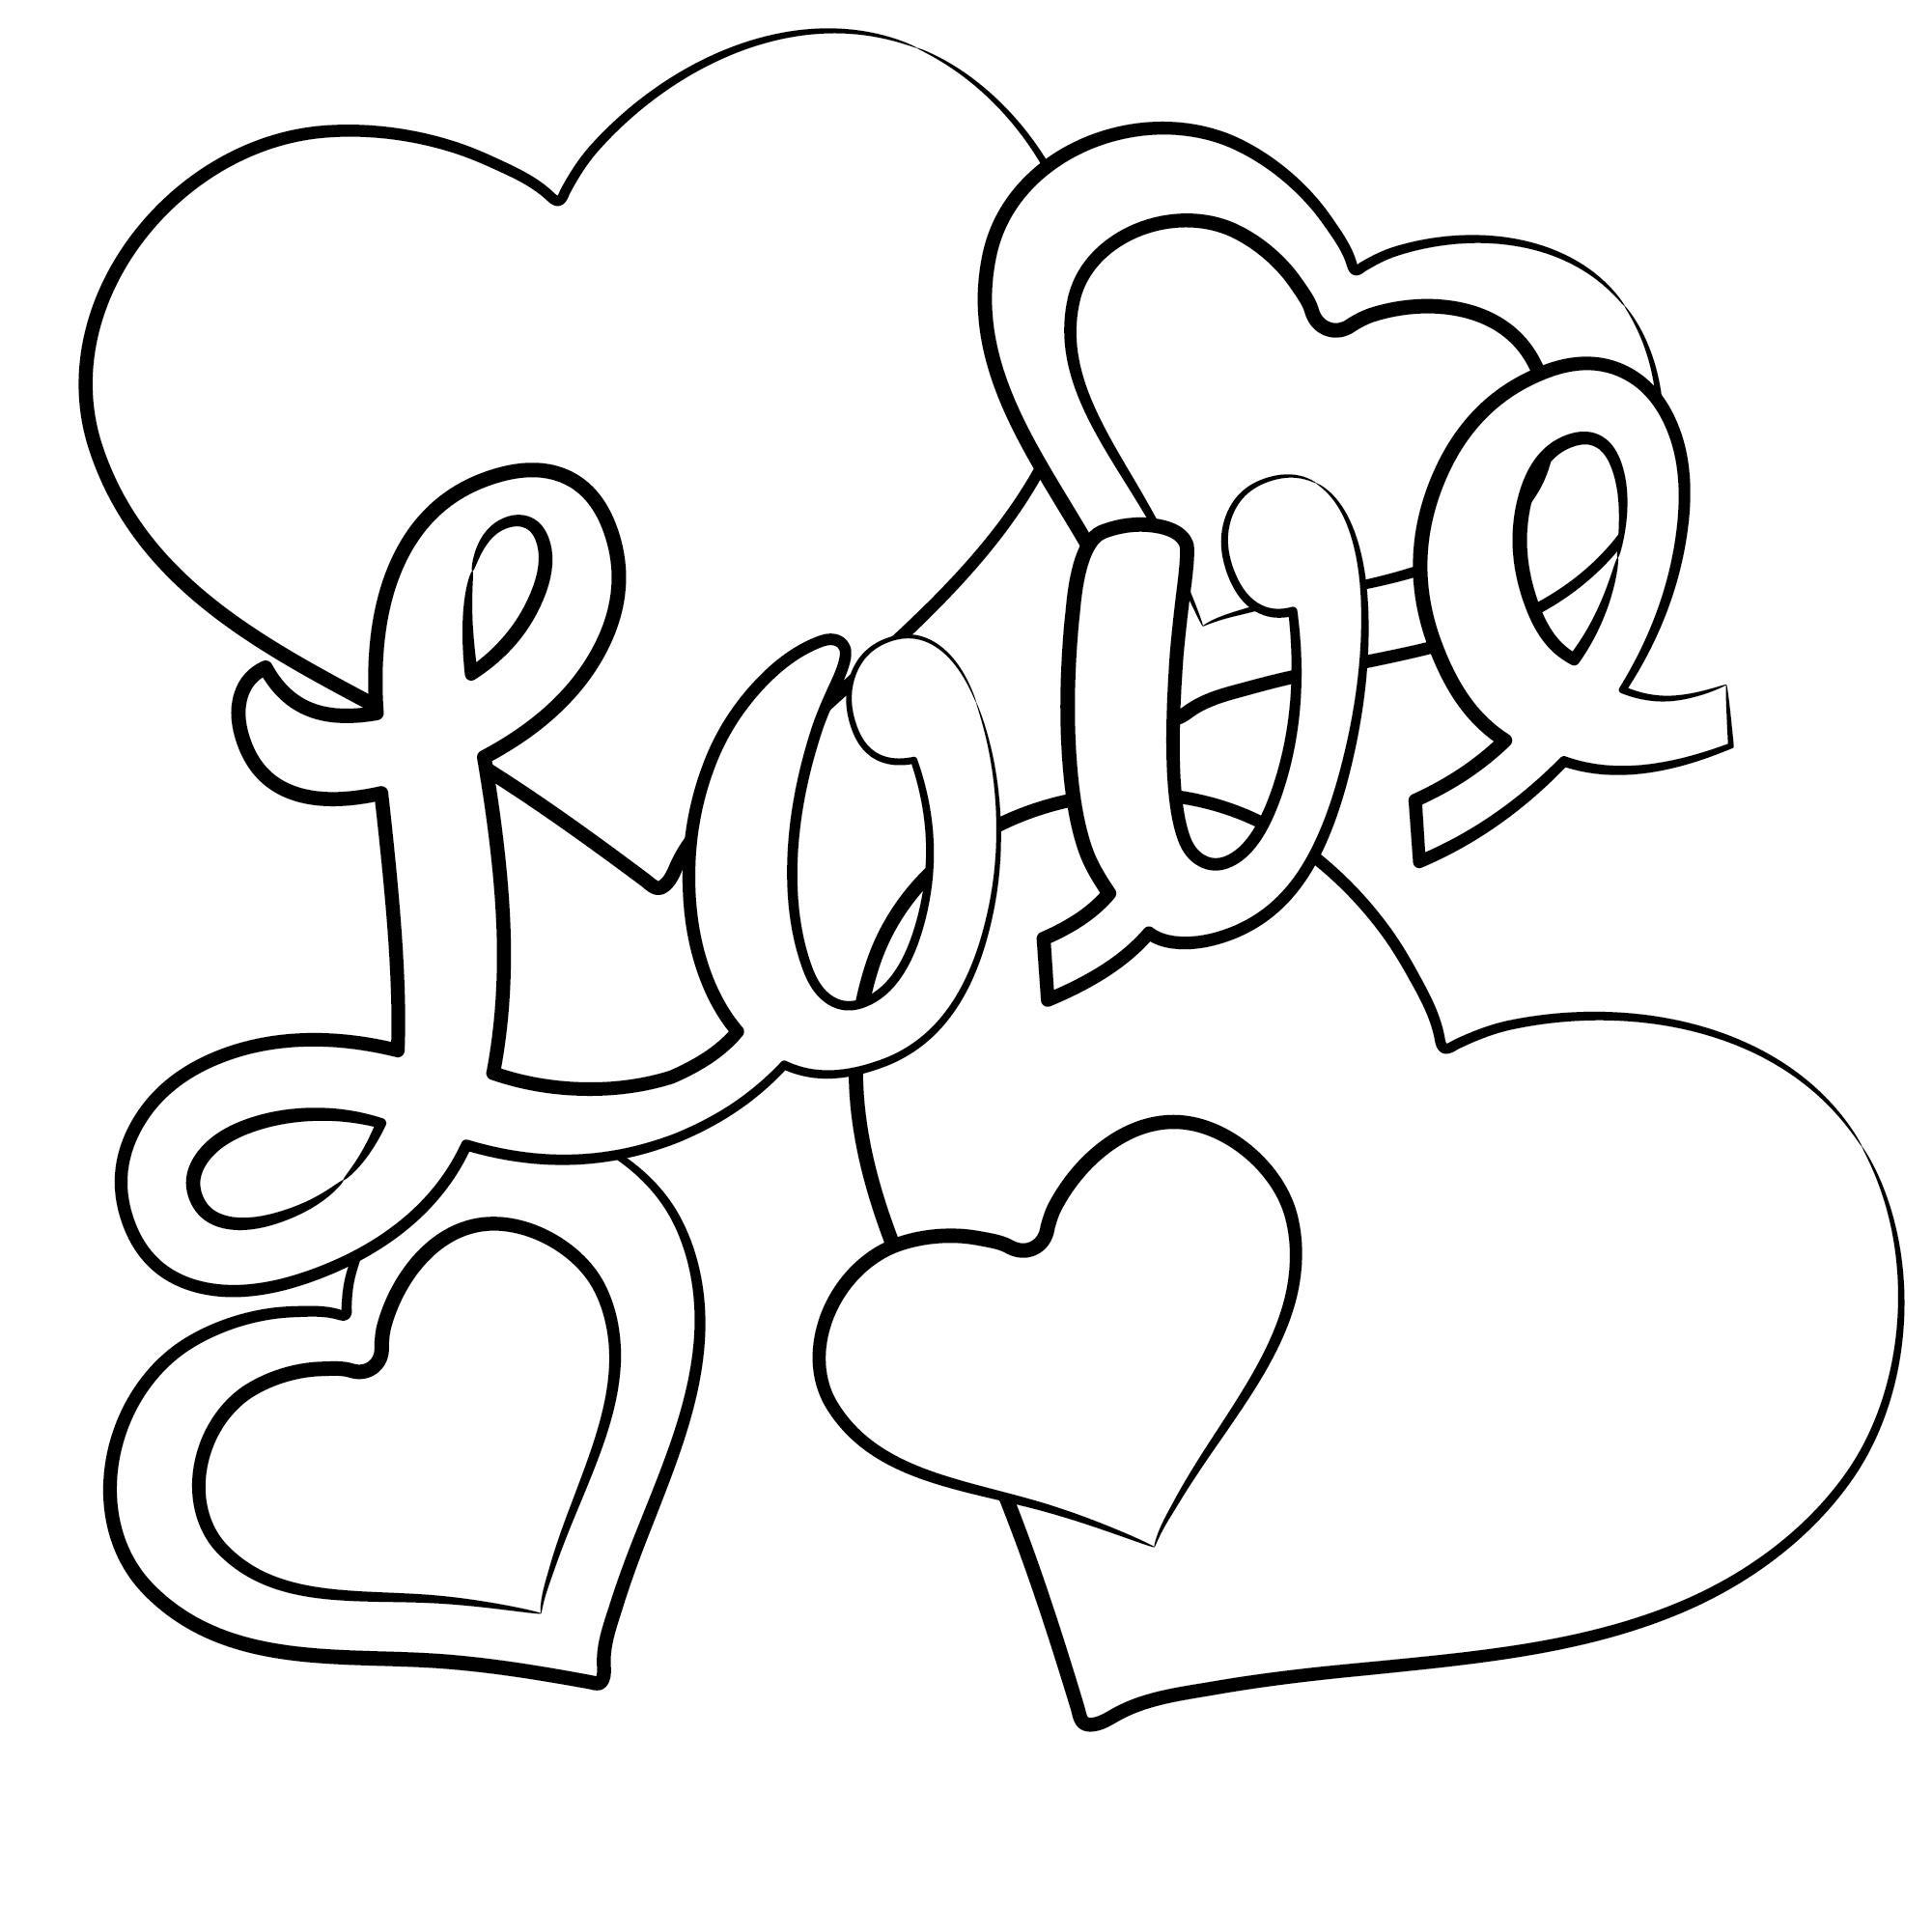 Надпись love с сердечками Антистрессовые раскраски